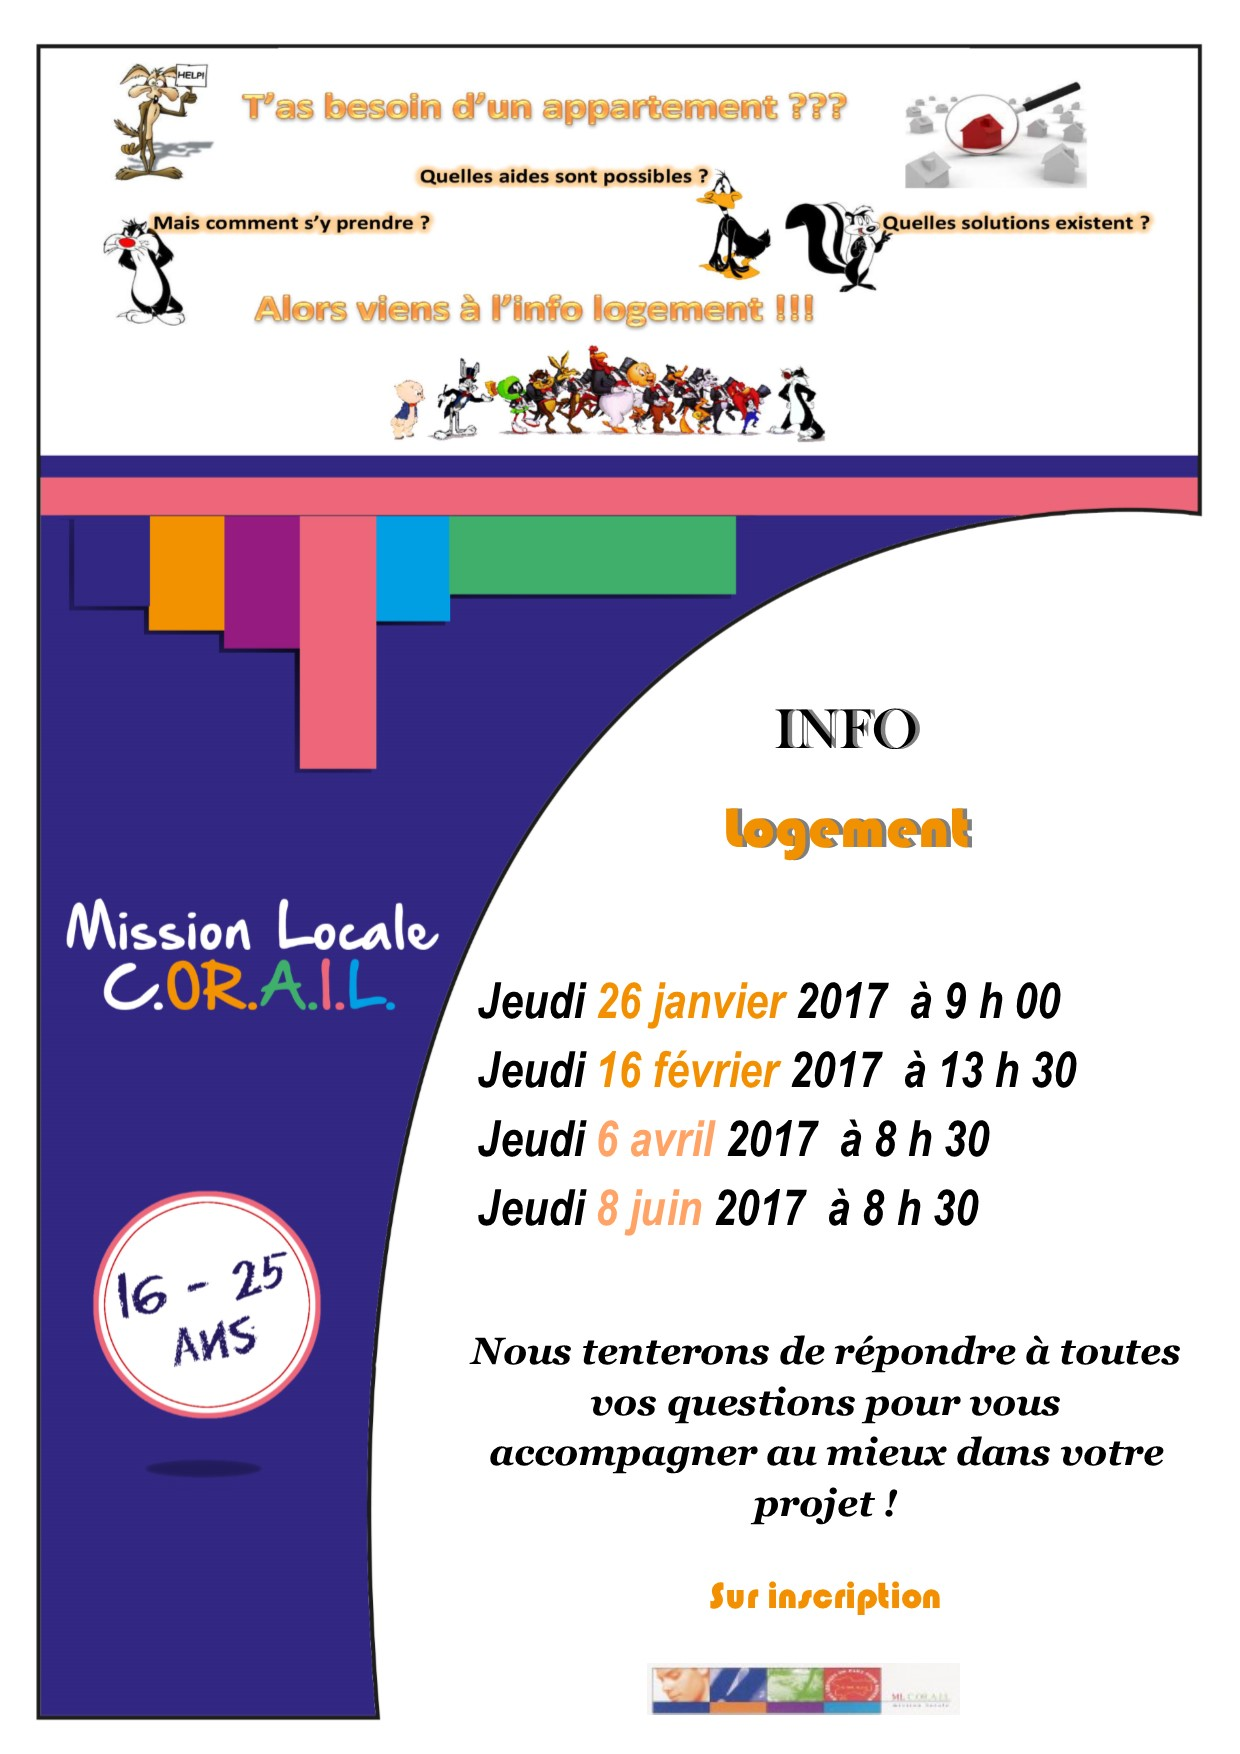 2017-info-logement-2